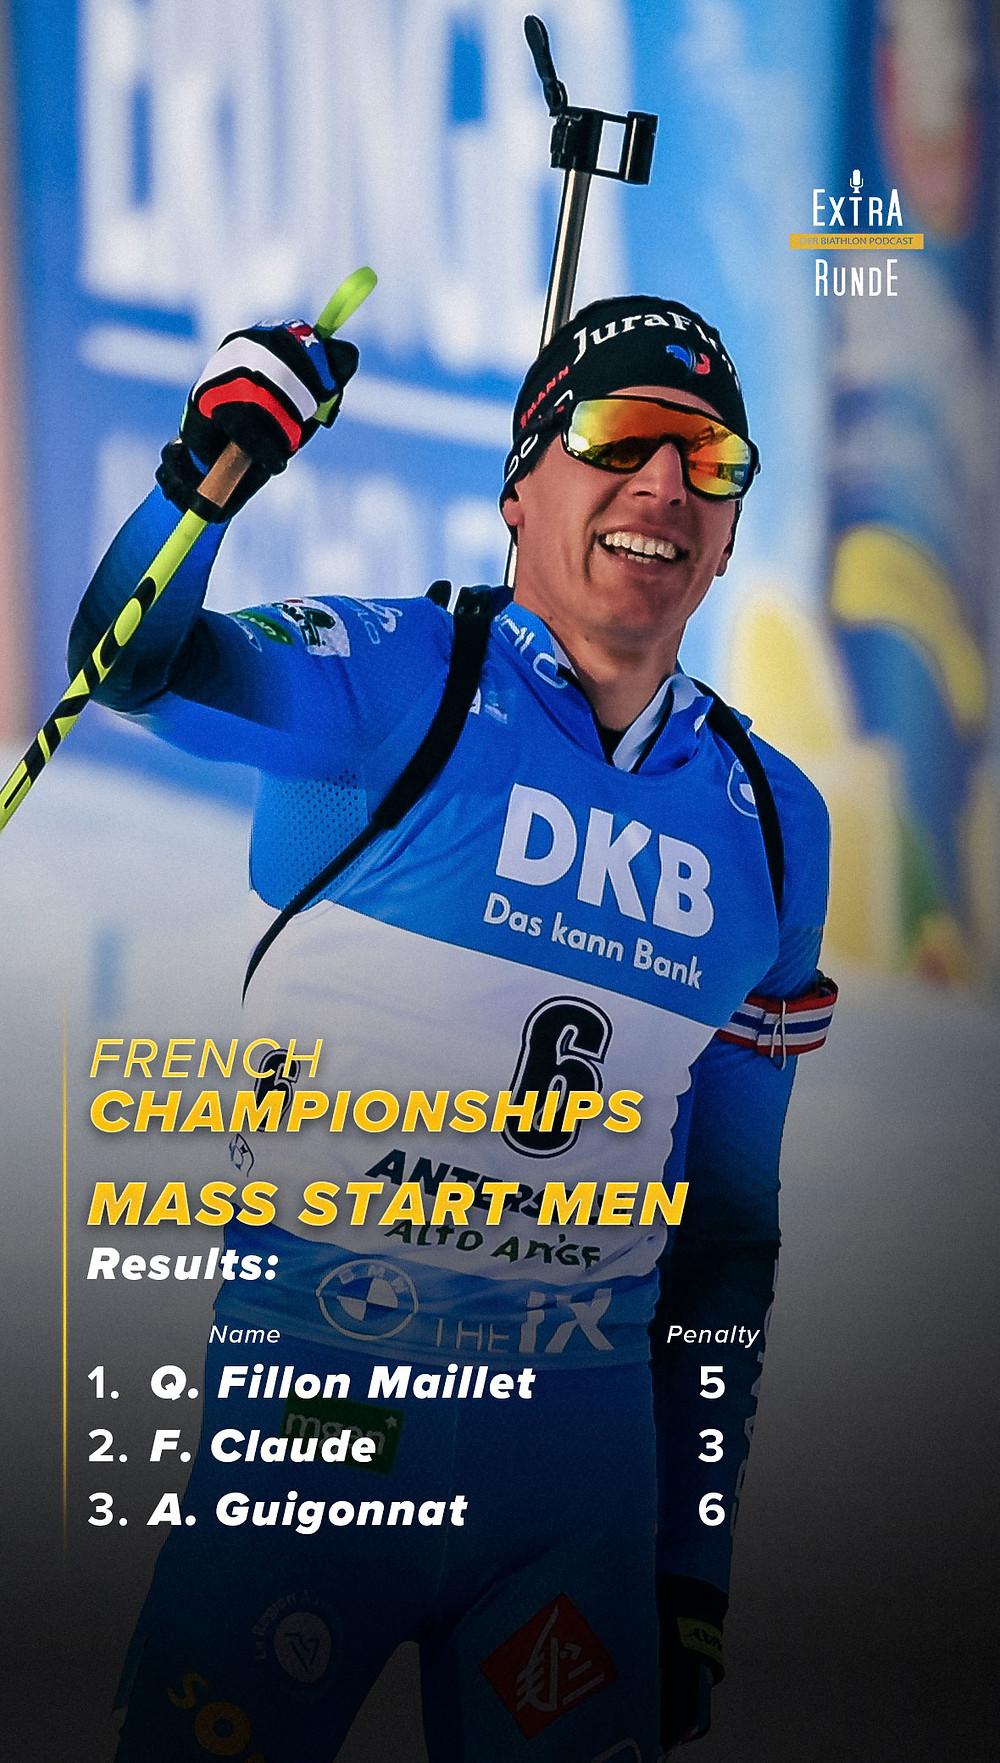 Den Massenstart bei den nationalen Meisterschaften in Frankreich gewinnt Quentin FIllon Maillet